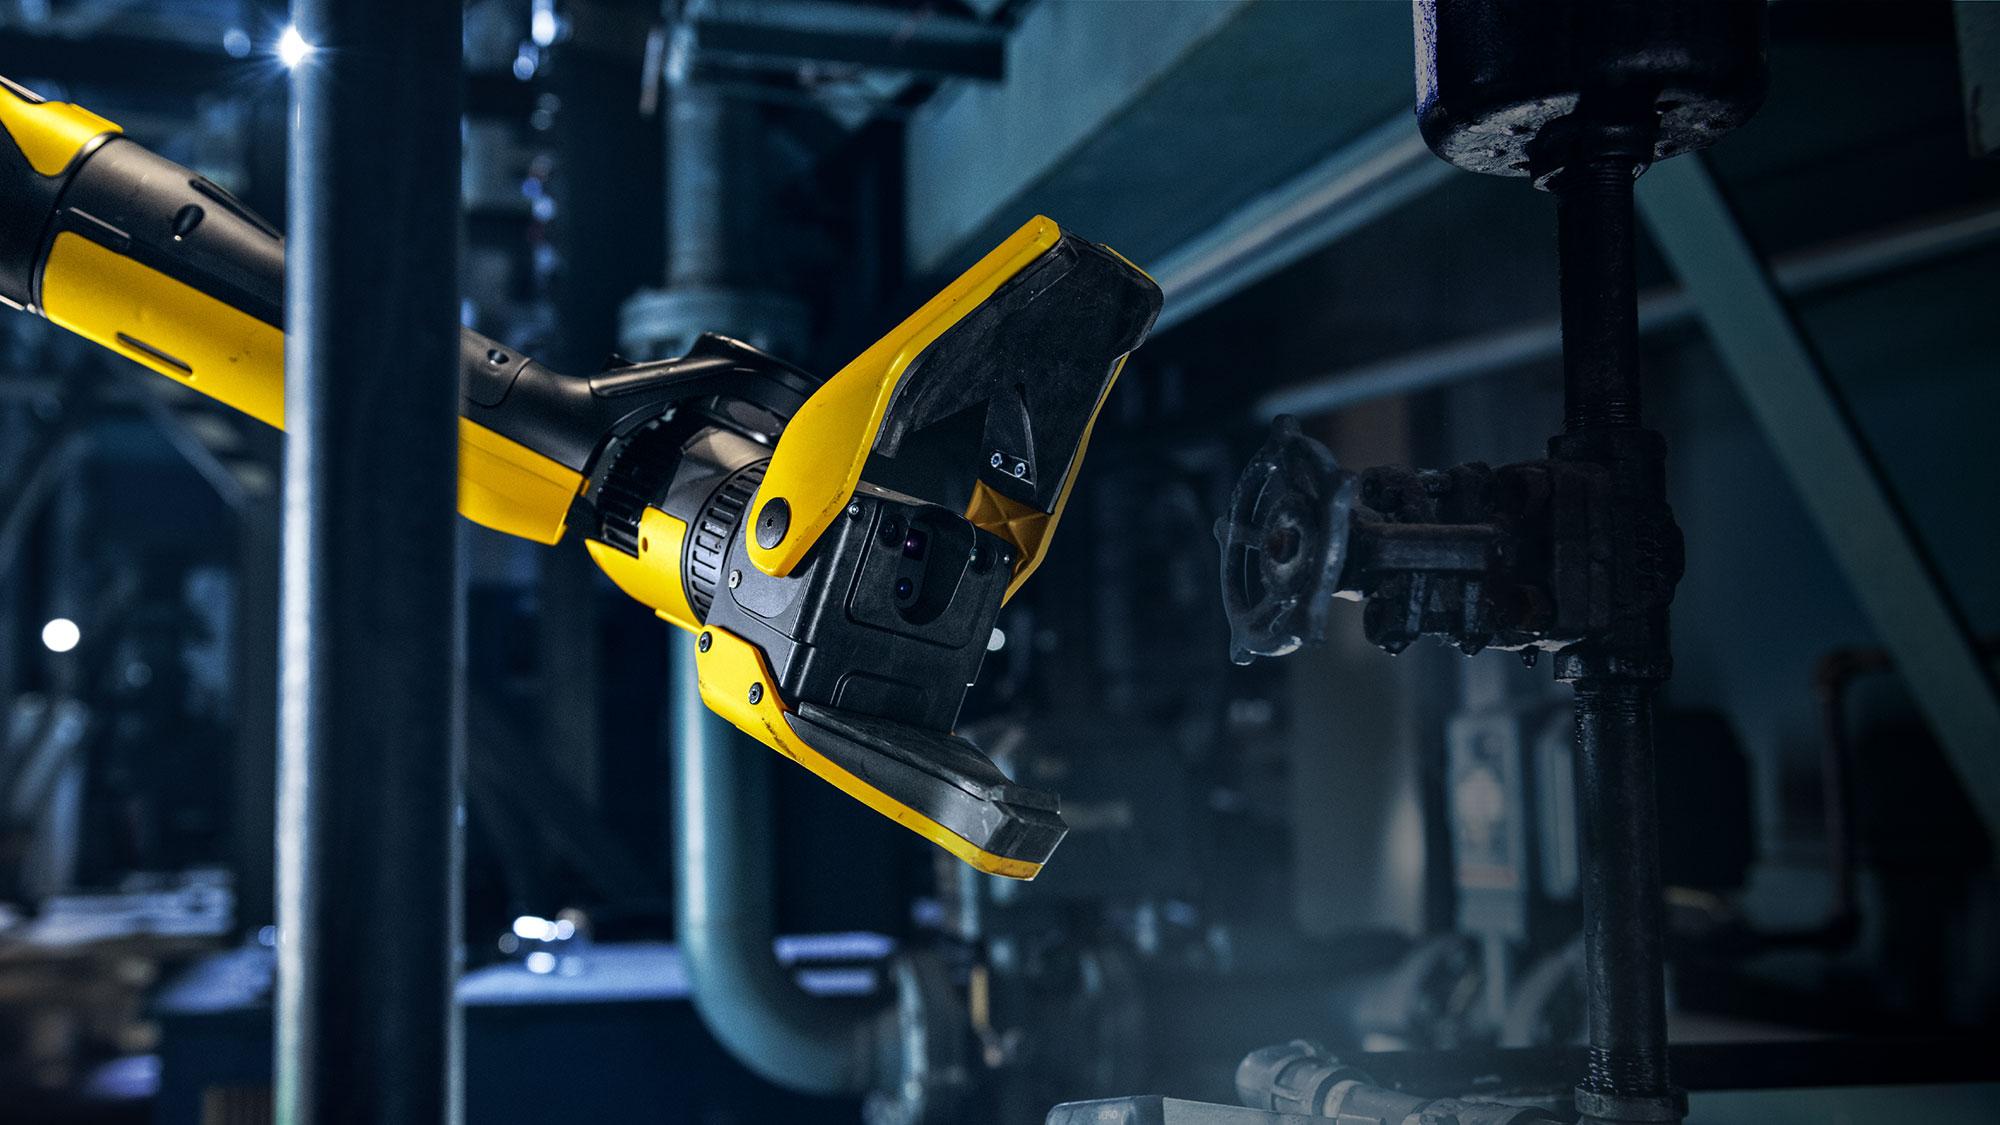 Boston Dynamics Spot Arm